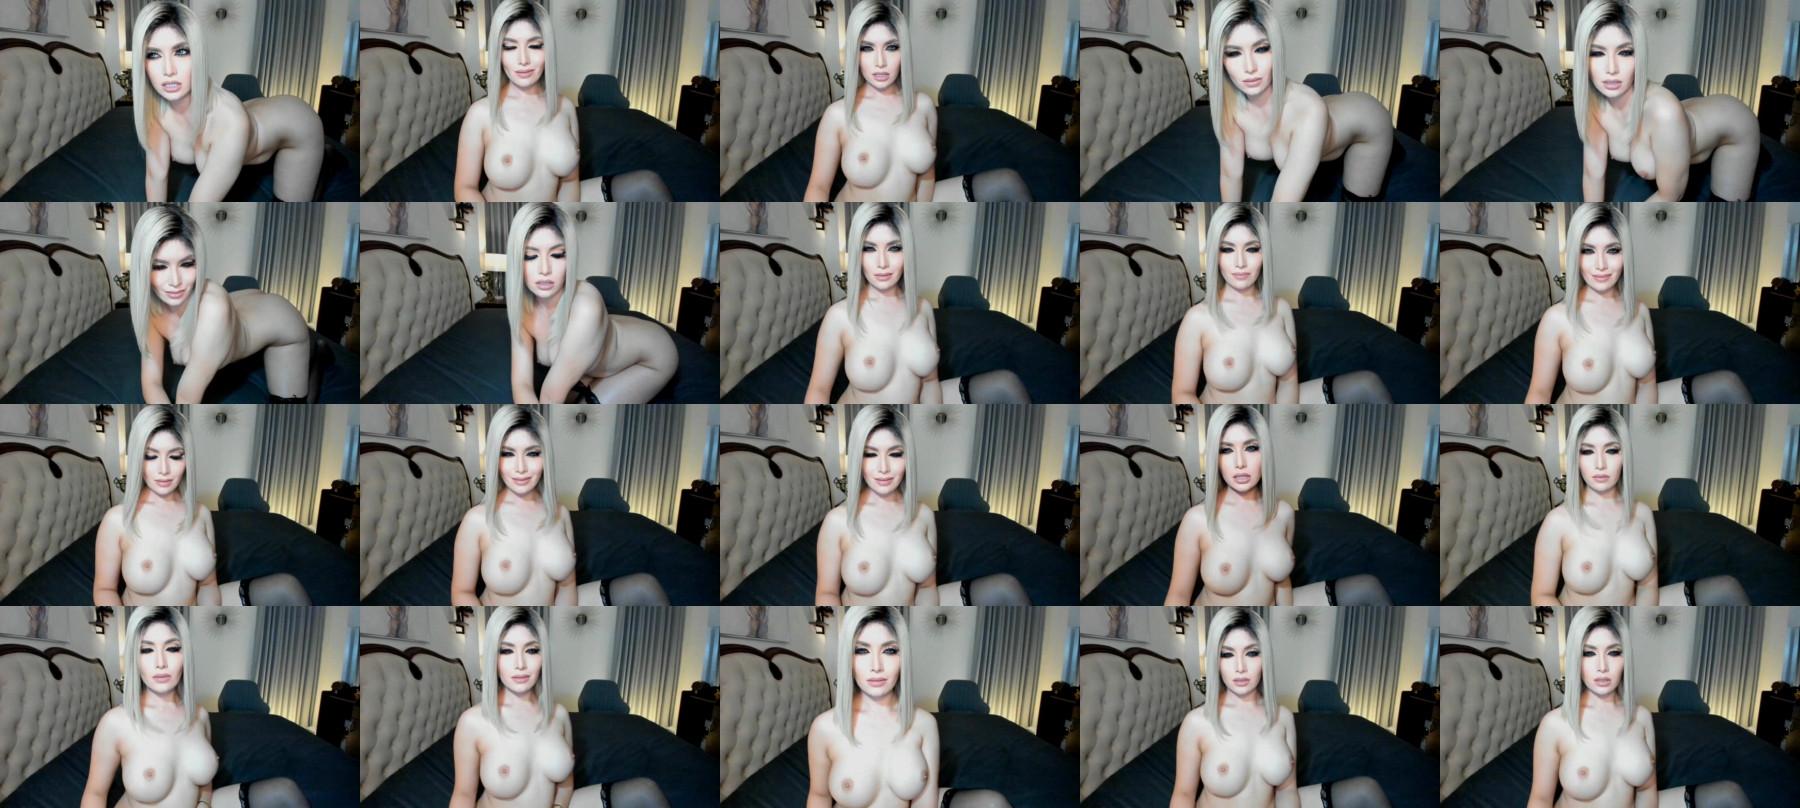 Princessnaughtyjasmine Nude CAM SHOW @ Chaturbate 12-06-2021